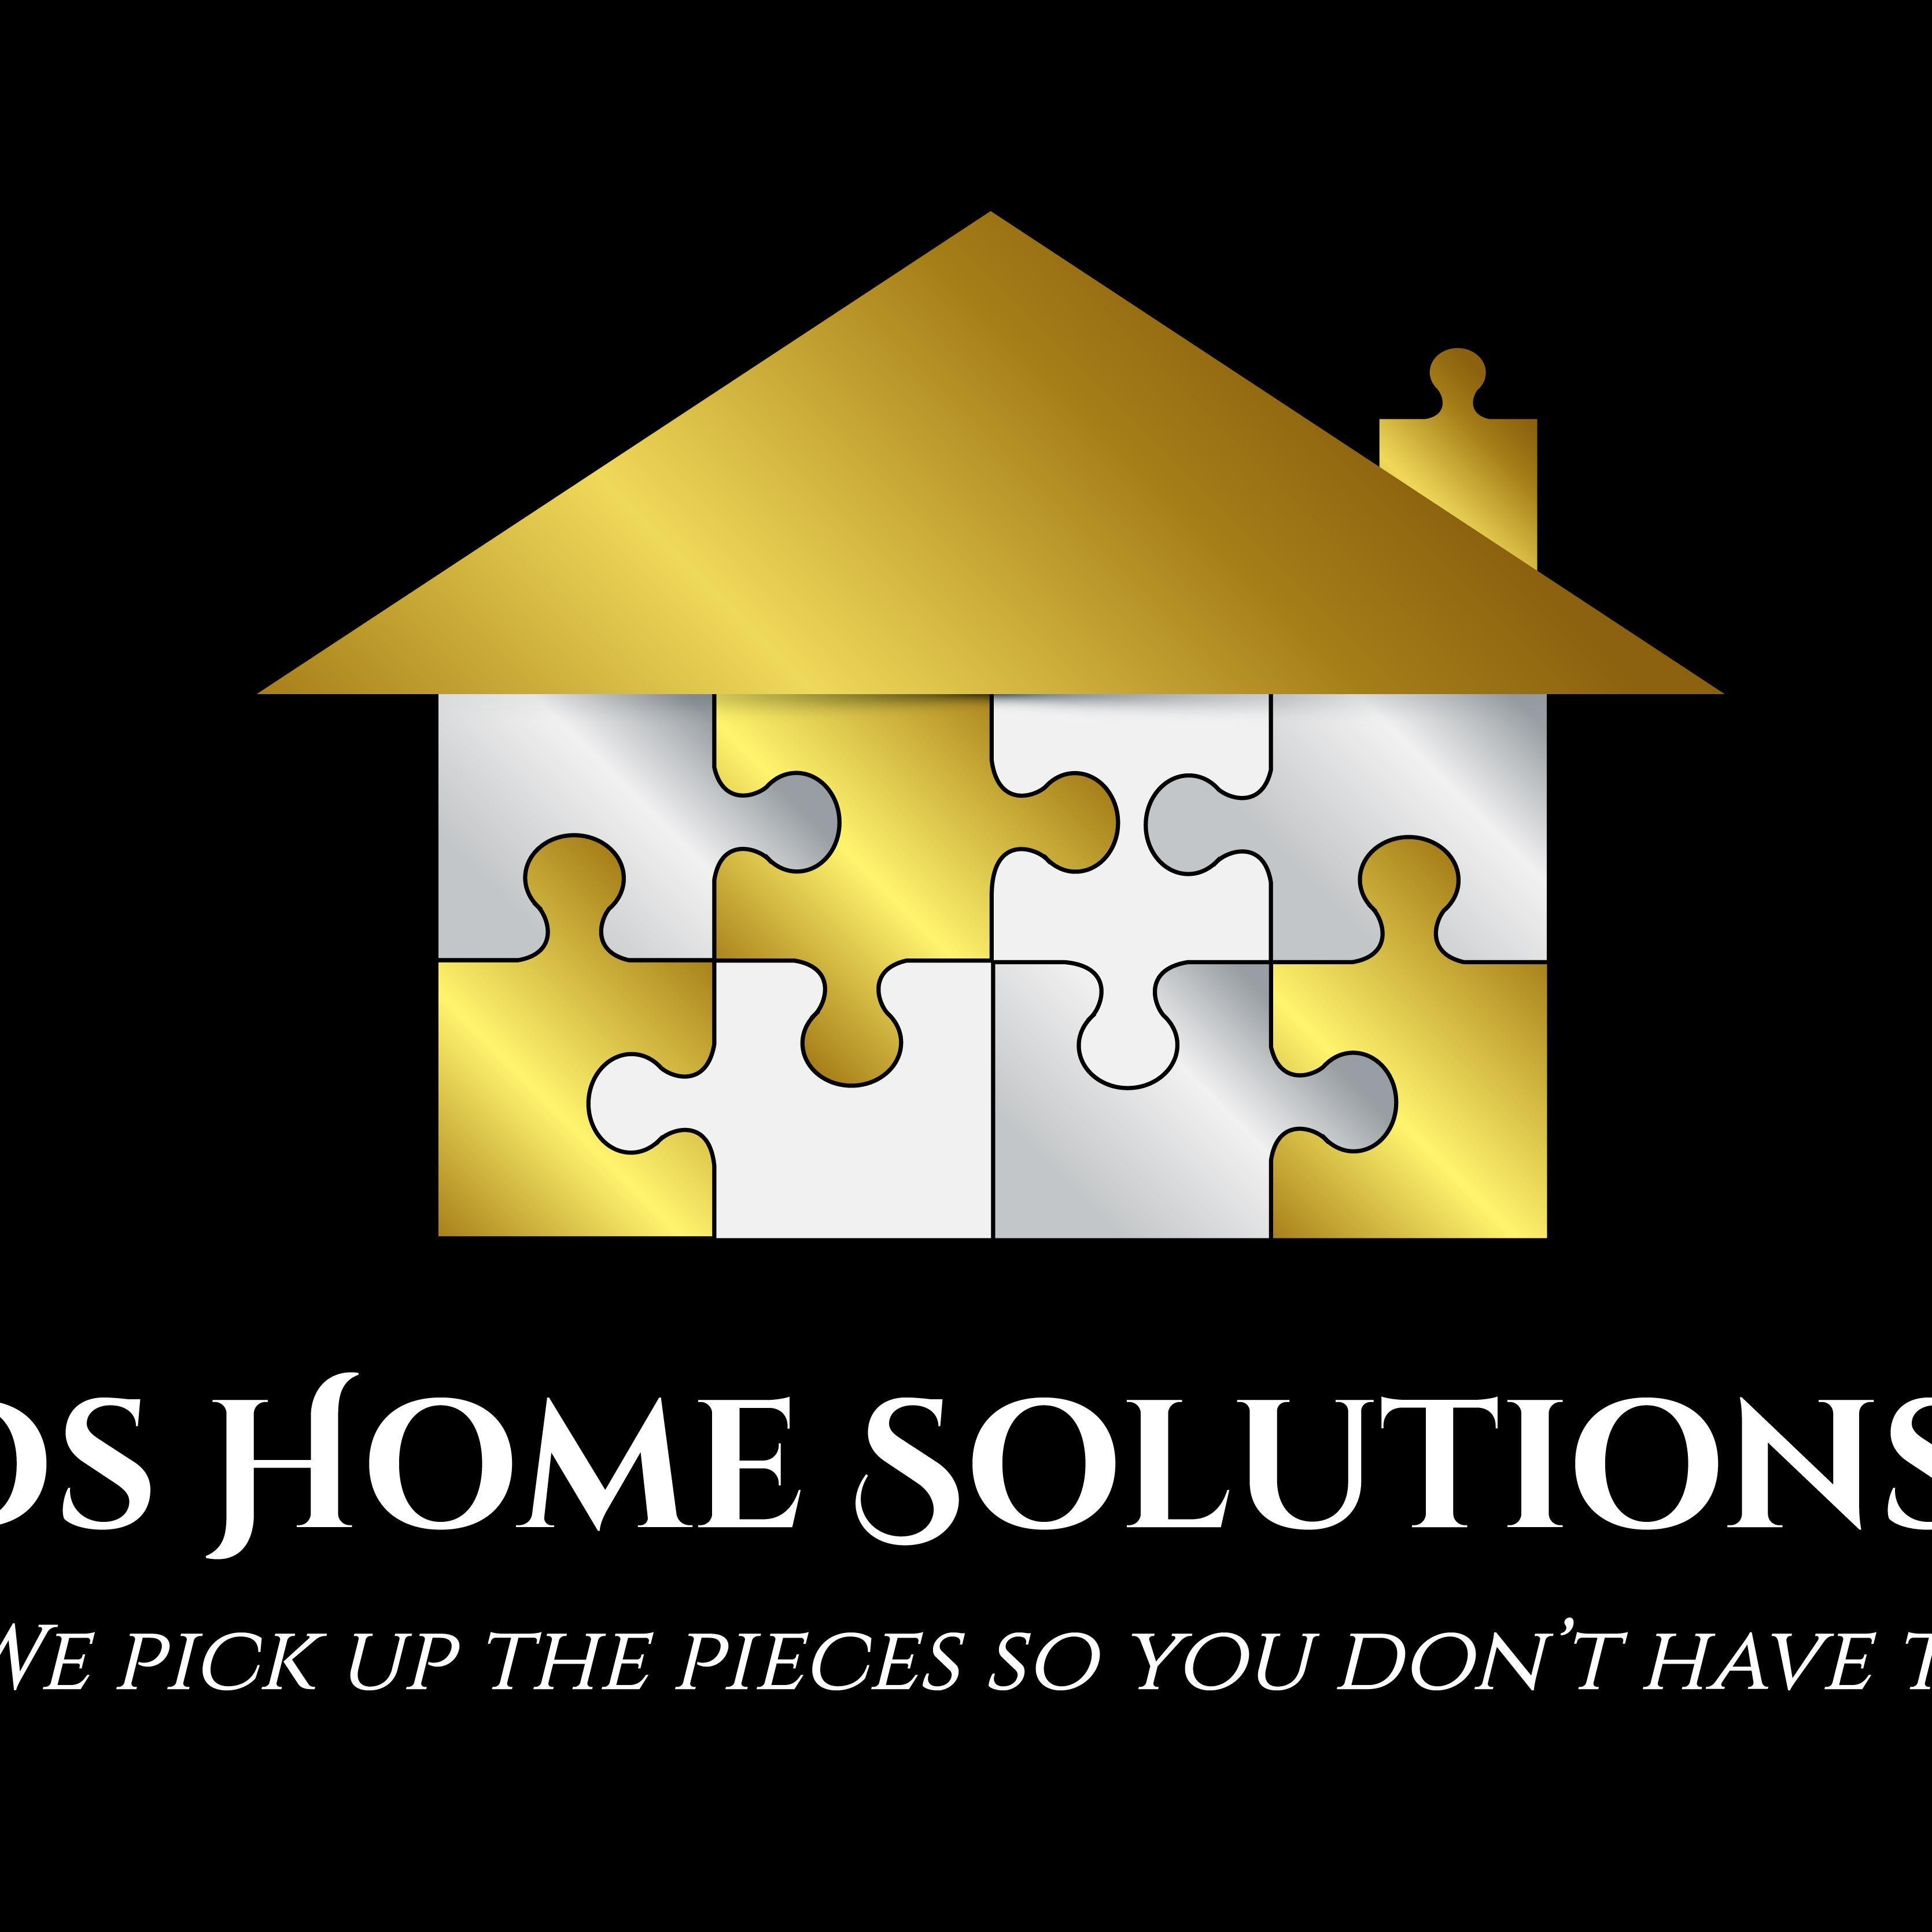 Deeds Home Solutions